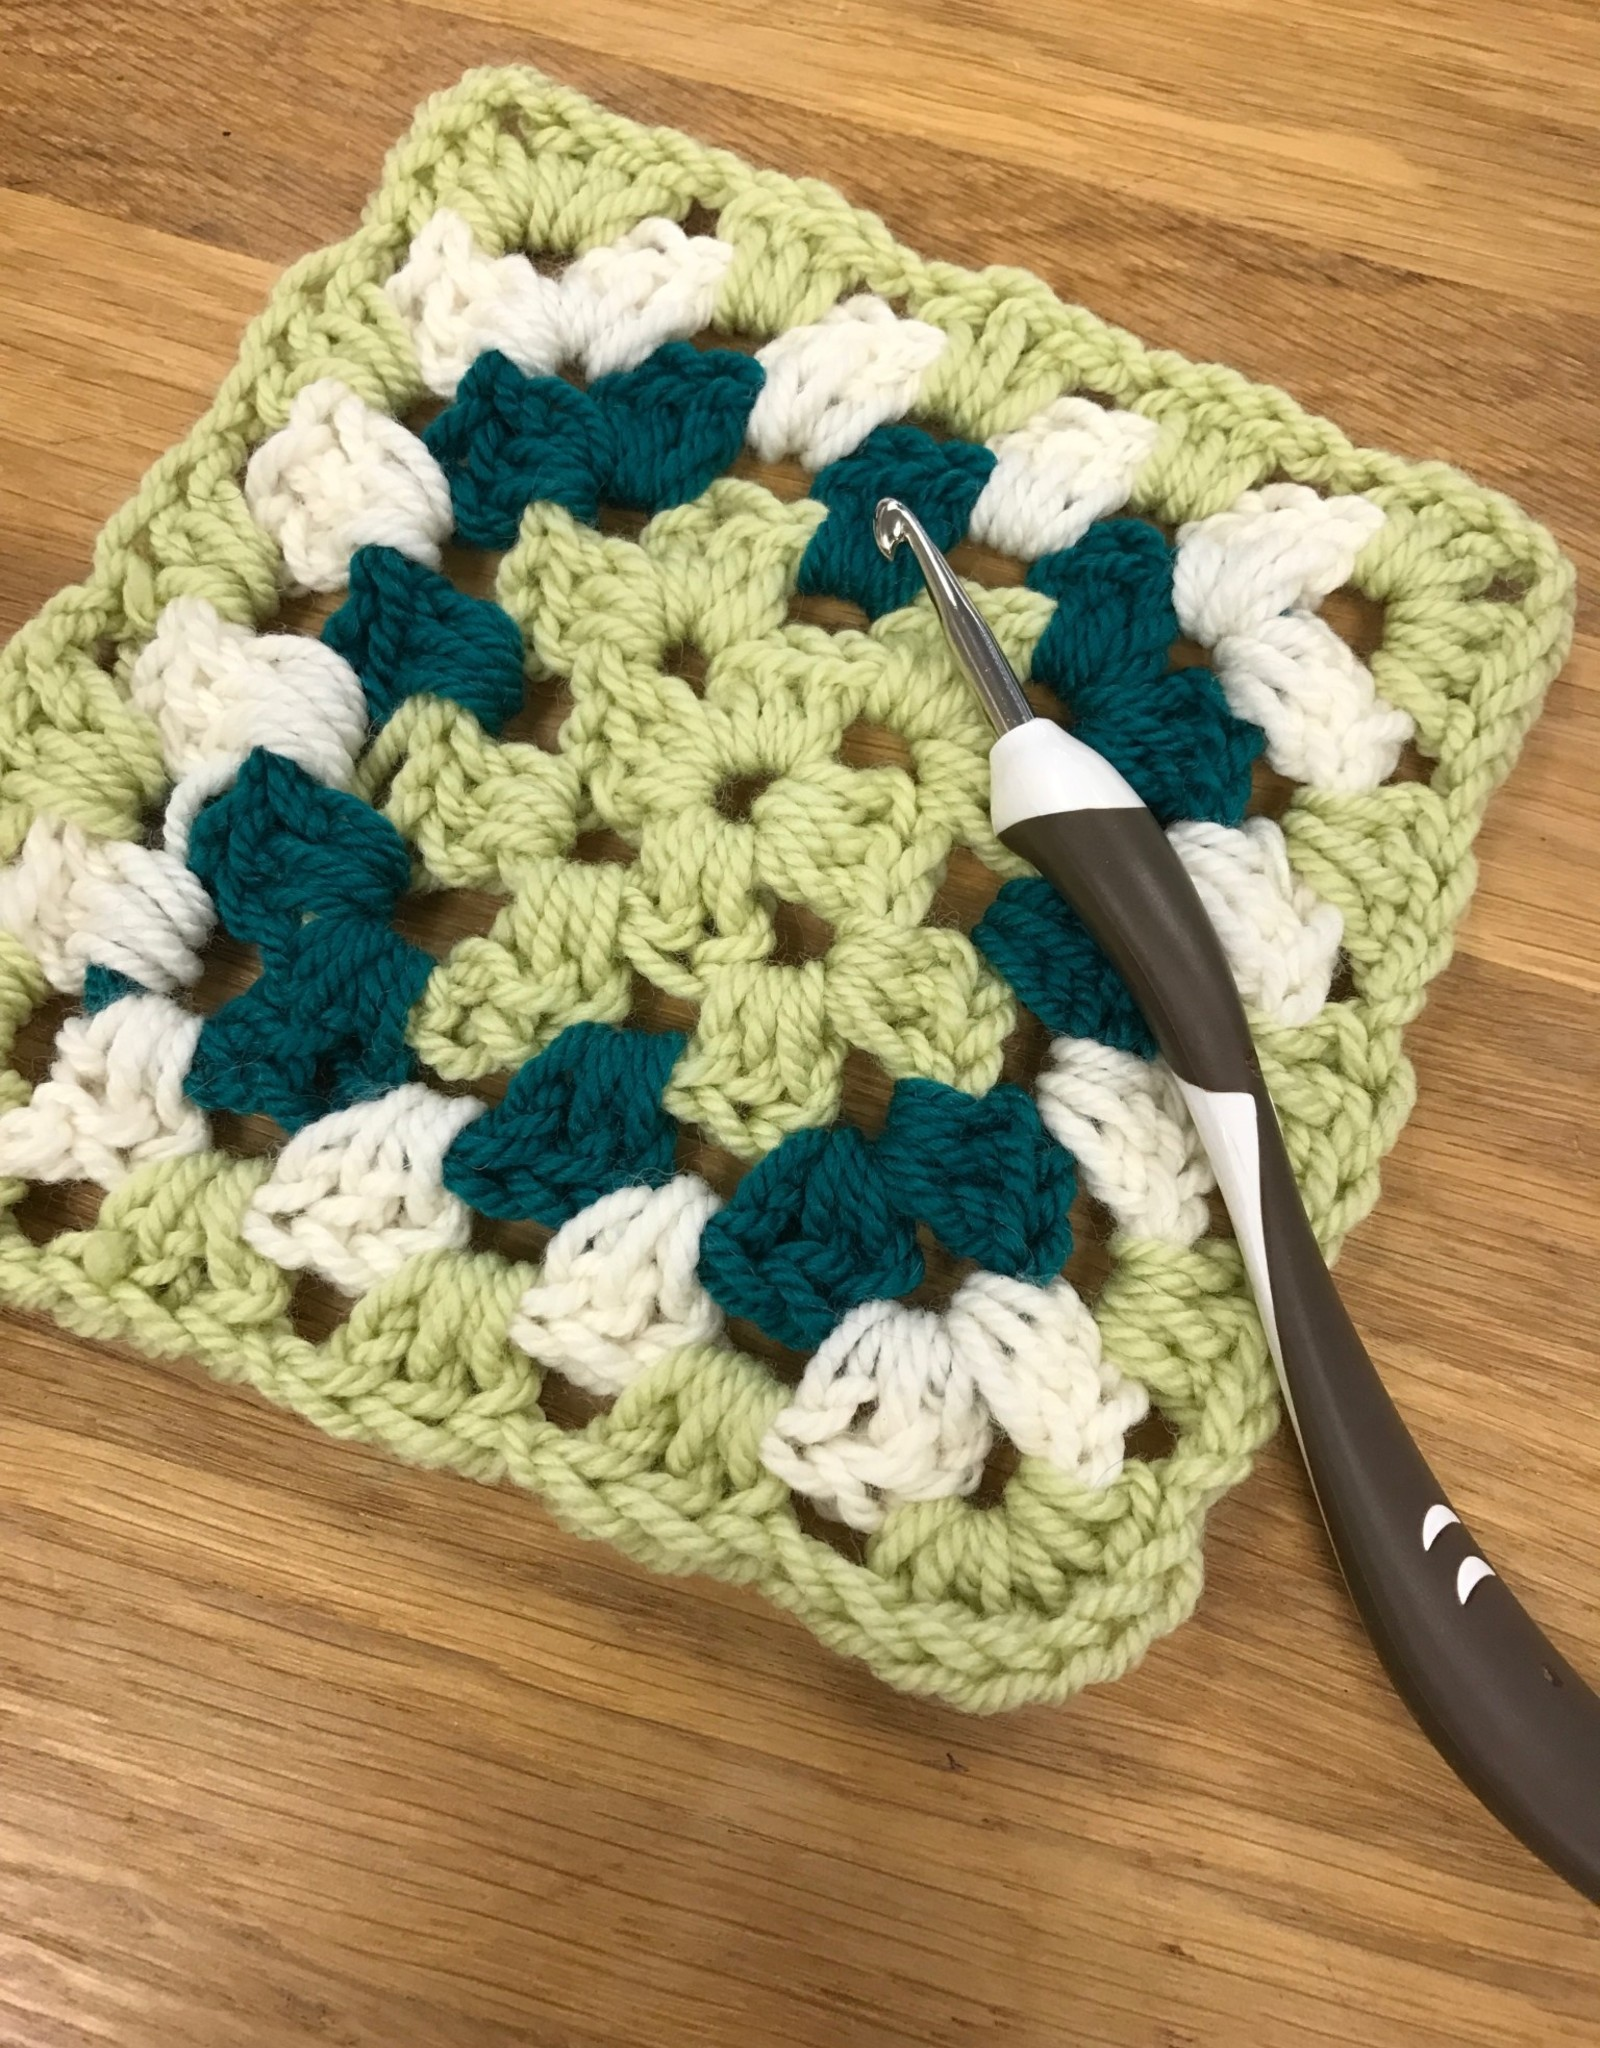 Beginning Crochet - Saturdays, December 11 & 18th, 12-2pm